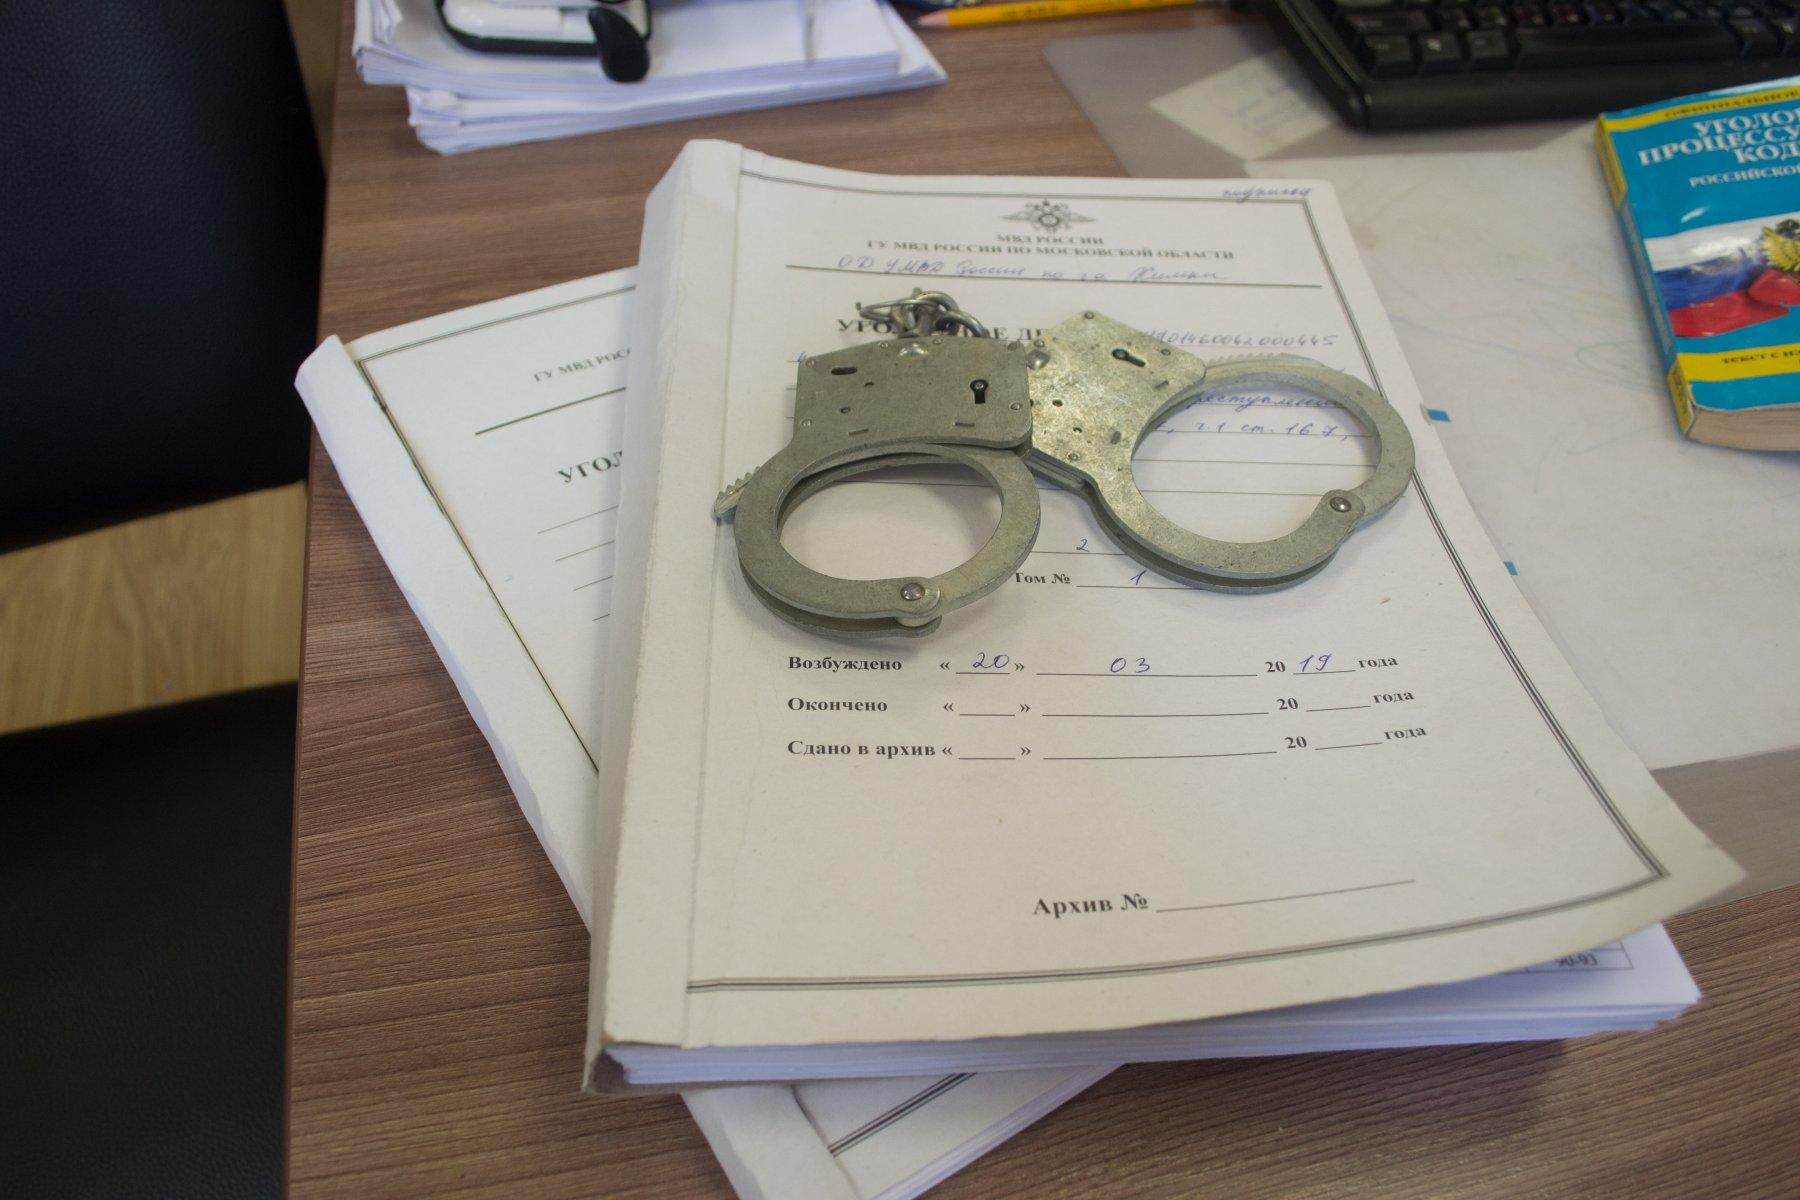 По подозрению в использовании рабского труда задержали двух жителей Подольска